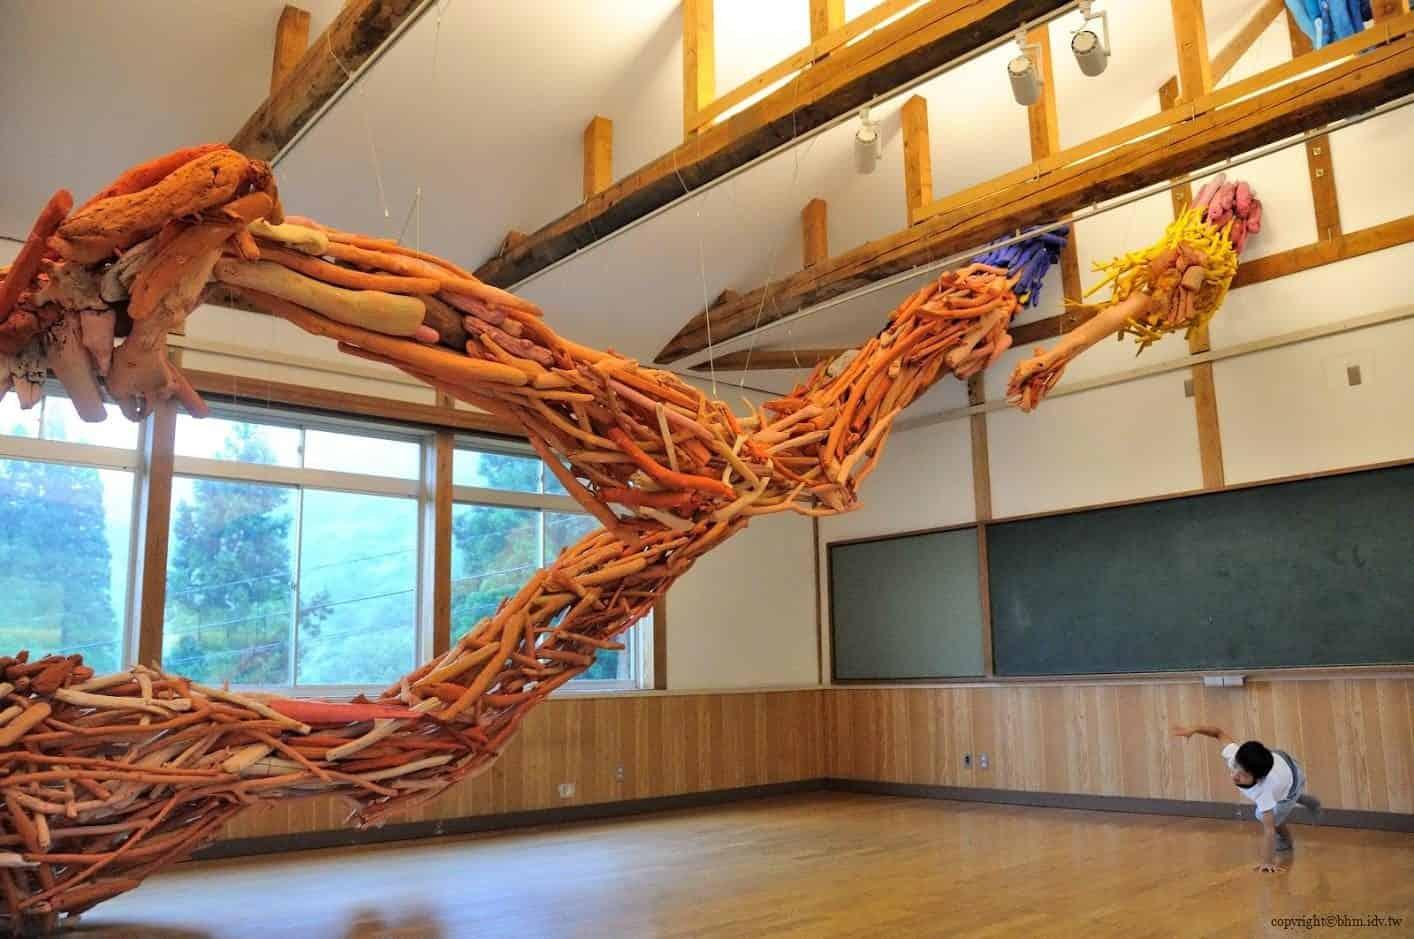 田島征三,繪本和樹木果實美術館,以「學校不是空的喔!」為主題,如一隻大手伸進來由漂流木組合成的藝術品,在空間中顯得張力十足;小朋友也跟著模仿動作 繪本和樹木果實美術館 繪本和樹木果實美術館 hachi seizo tashima museum of picture book art 14 0x0